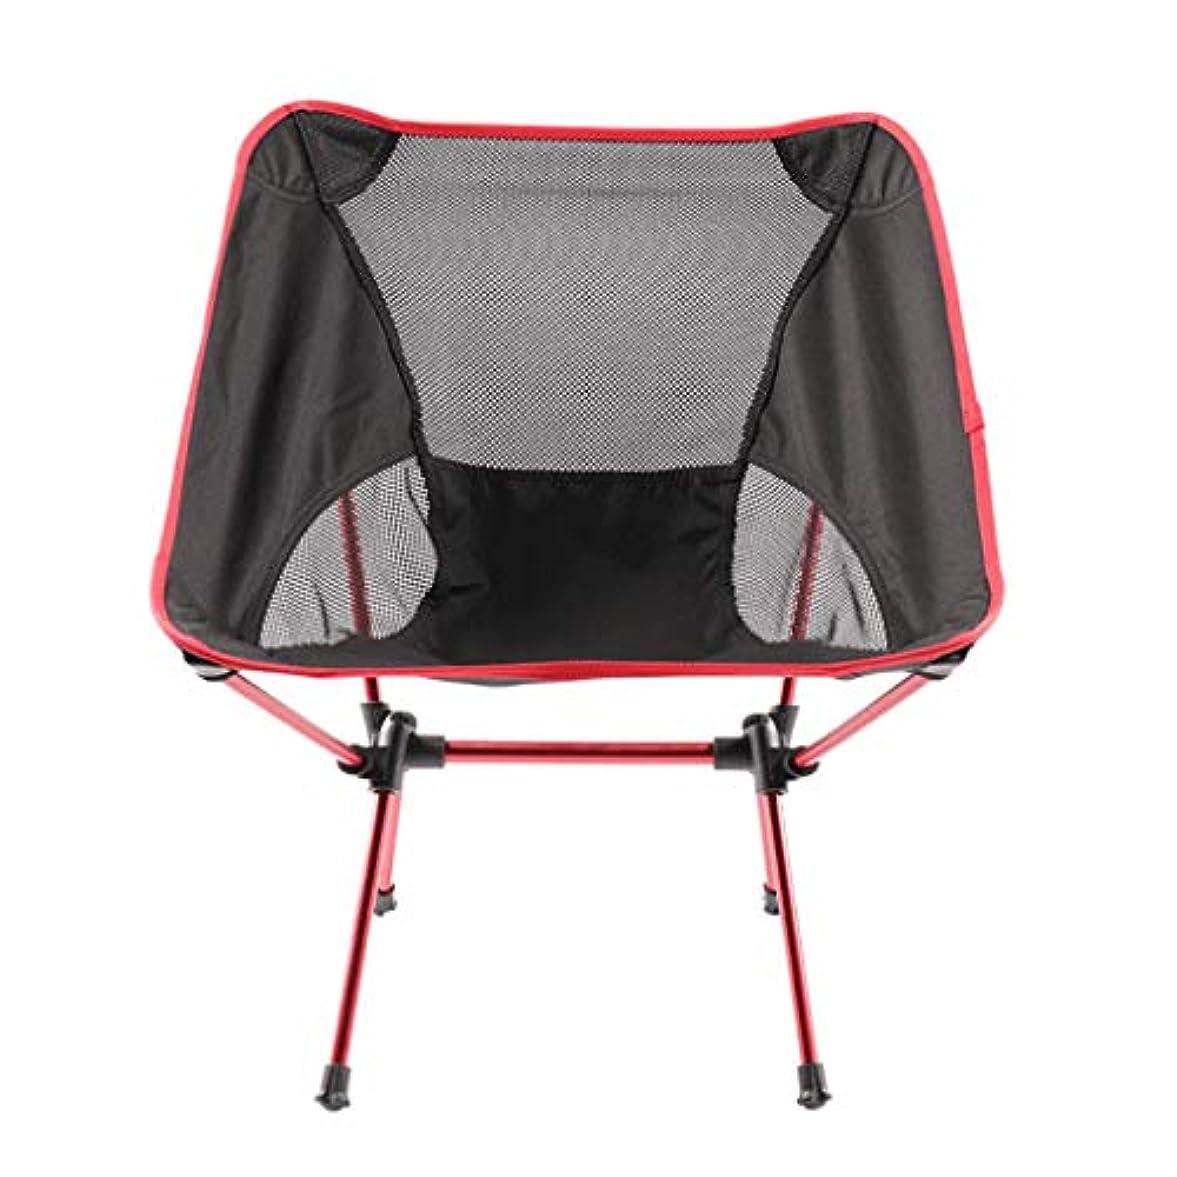 障害議会なすNEVY キャンプチェア 軽量 通気性 折りたたみ コンパクト ポータブル ムーンチェア 祭り ビーチ 釣り席 、赤